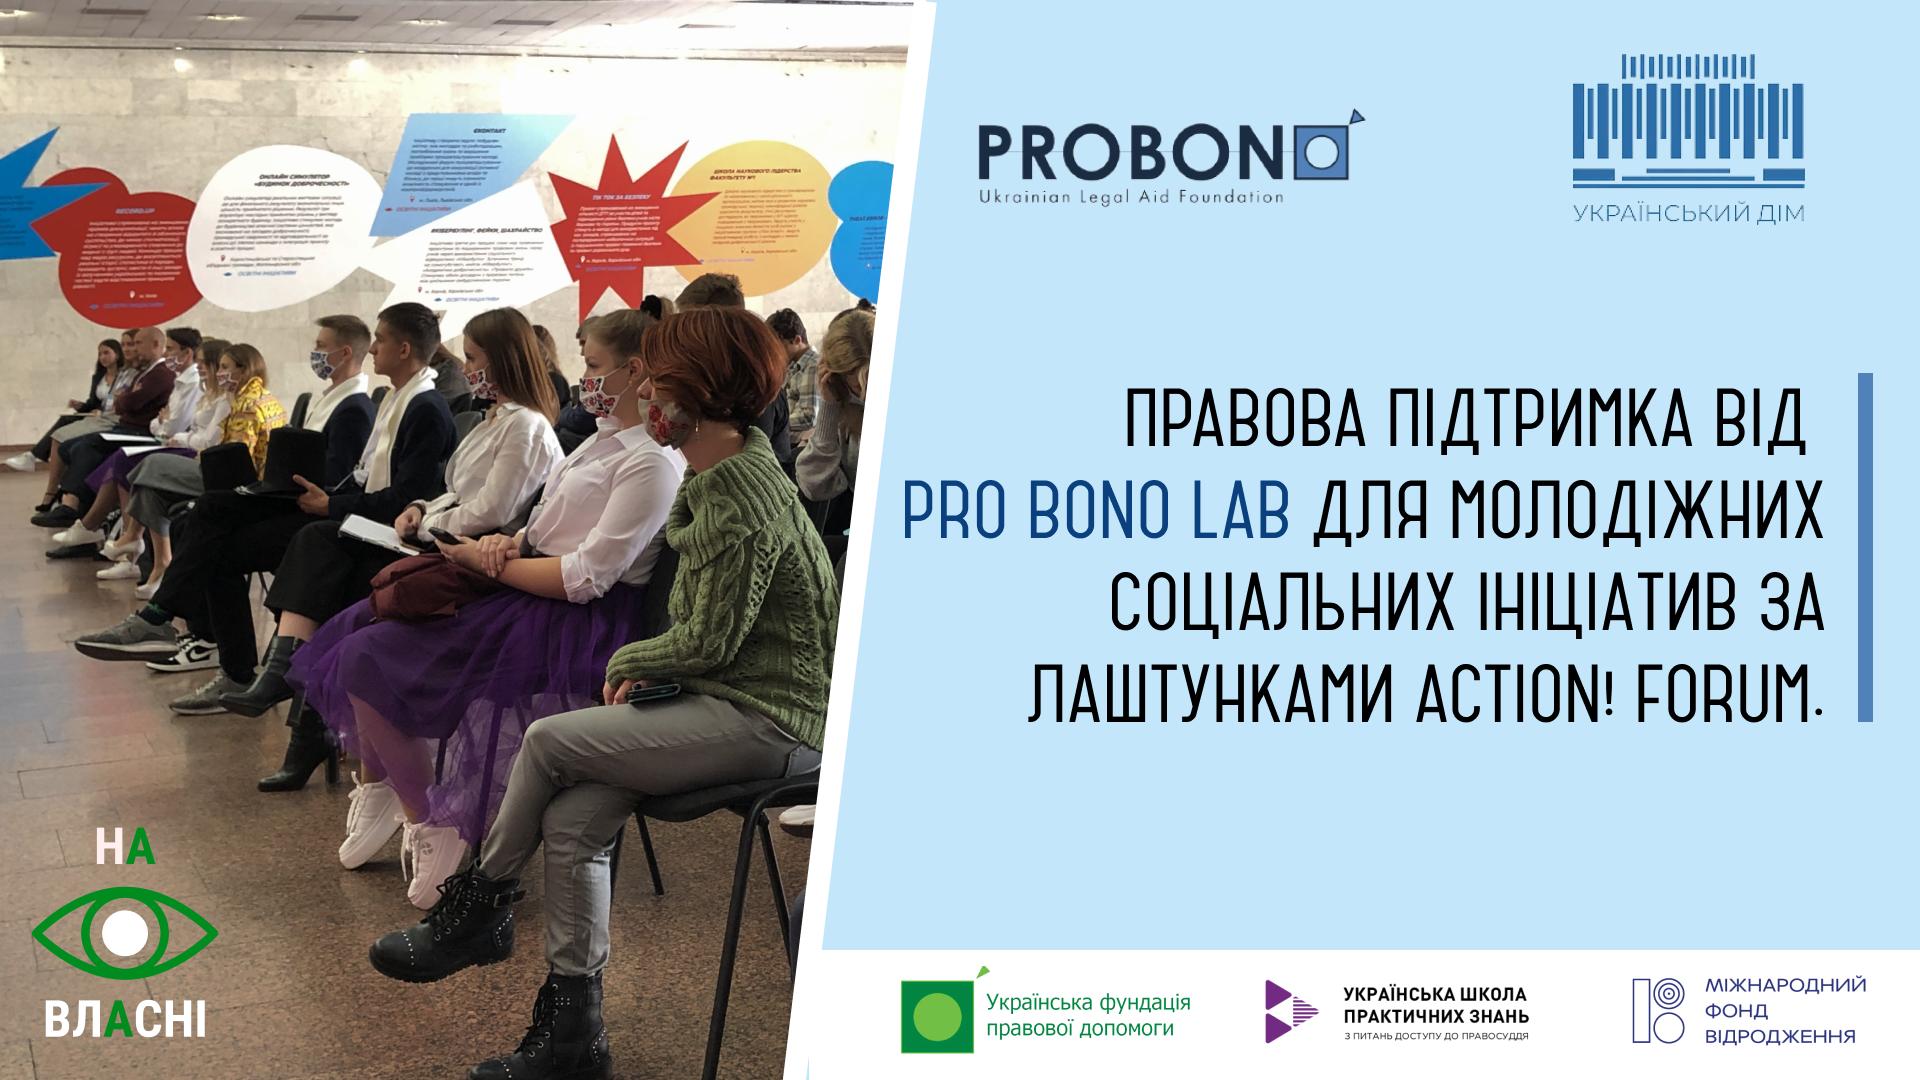 Молодіжні соціальні ініціативи Action! Forum отримають правову підтримку для реалізації своїх ідей завдяки Pro Bono Lab (відео)